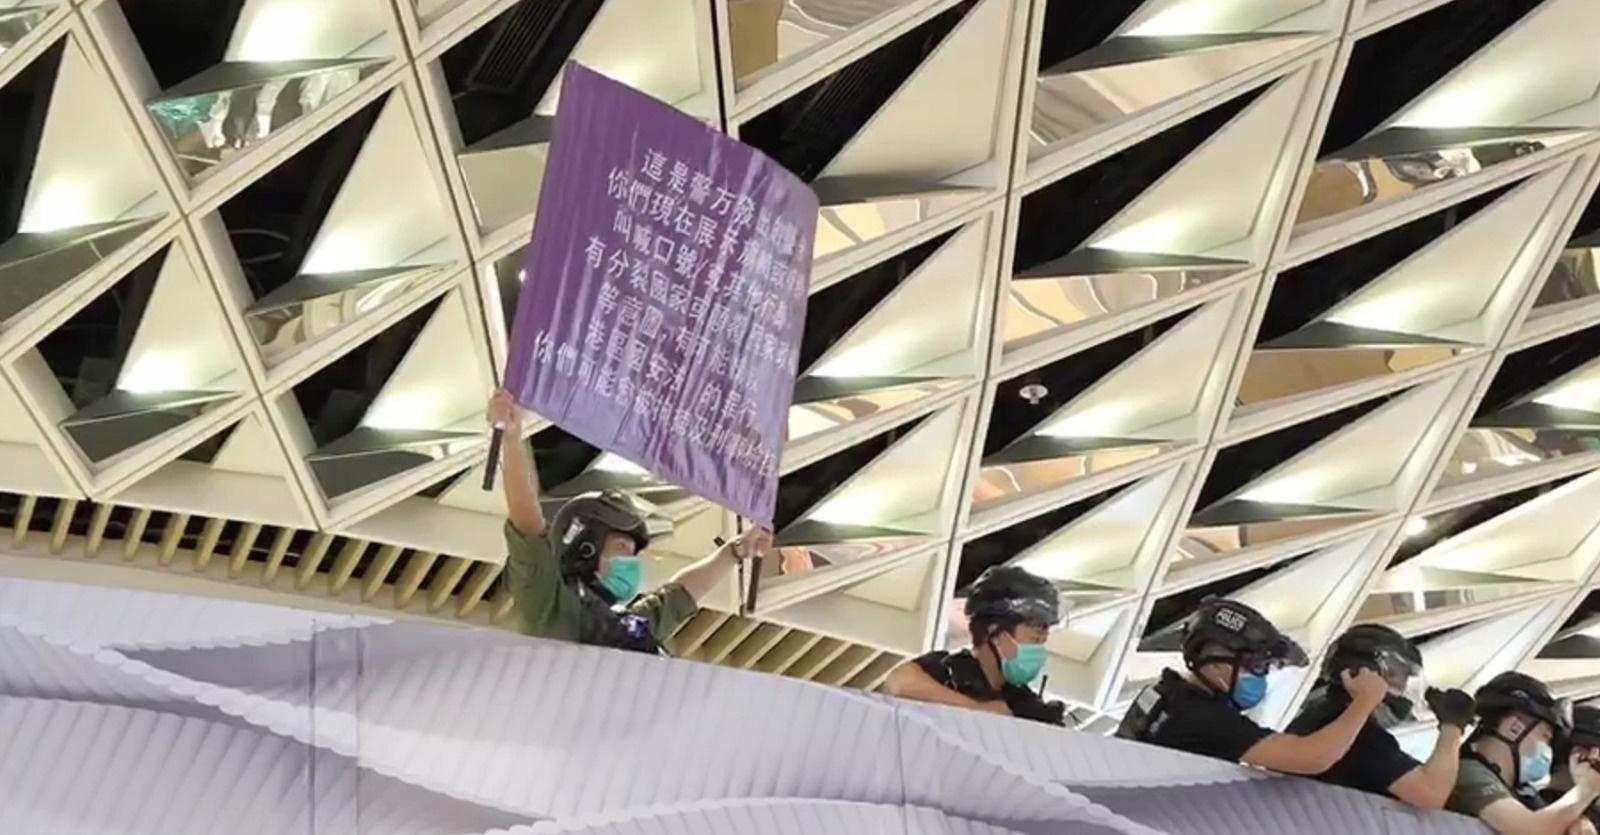 杏悦:香港元朗商场内紫杏悦旗警告图片